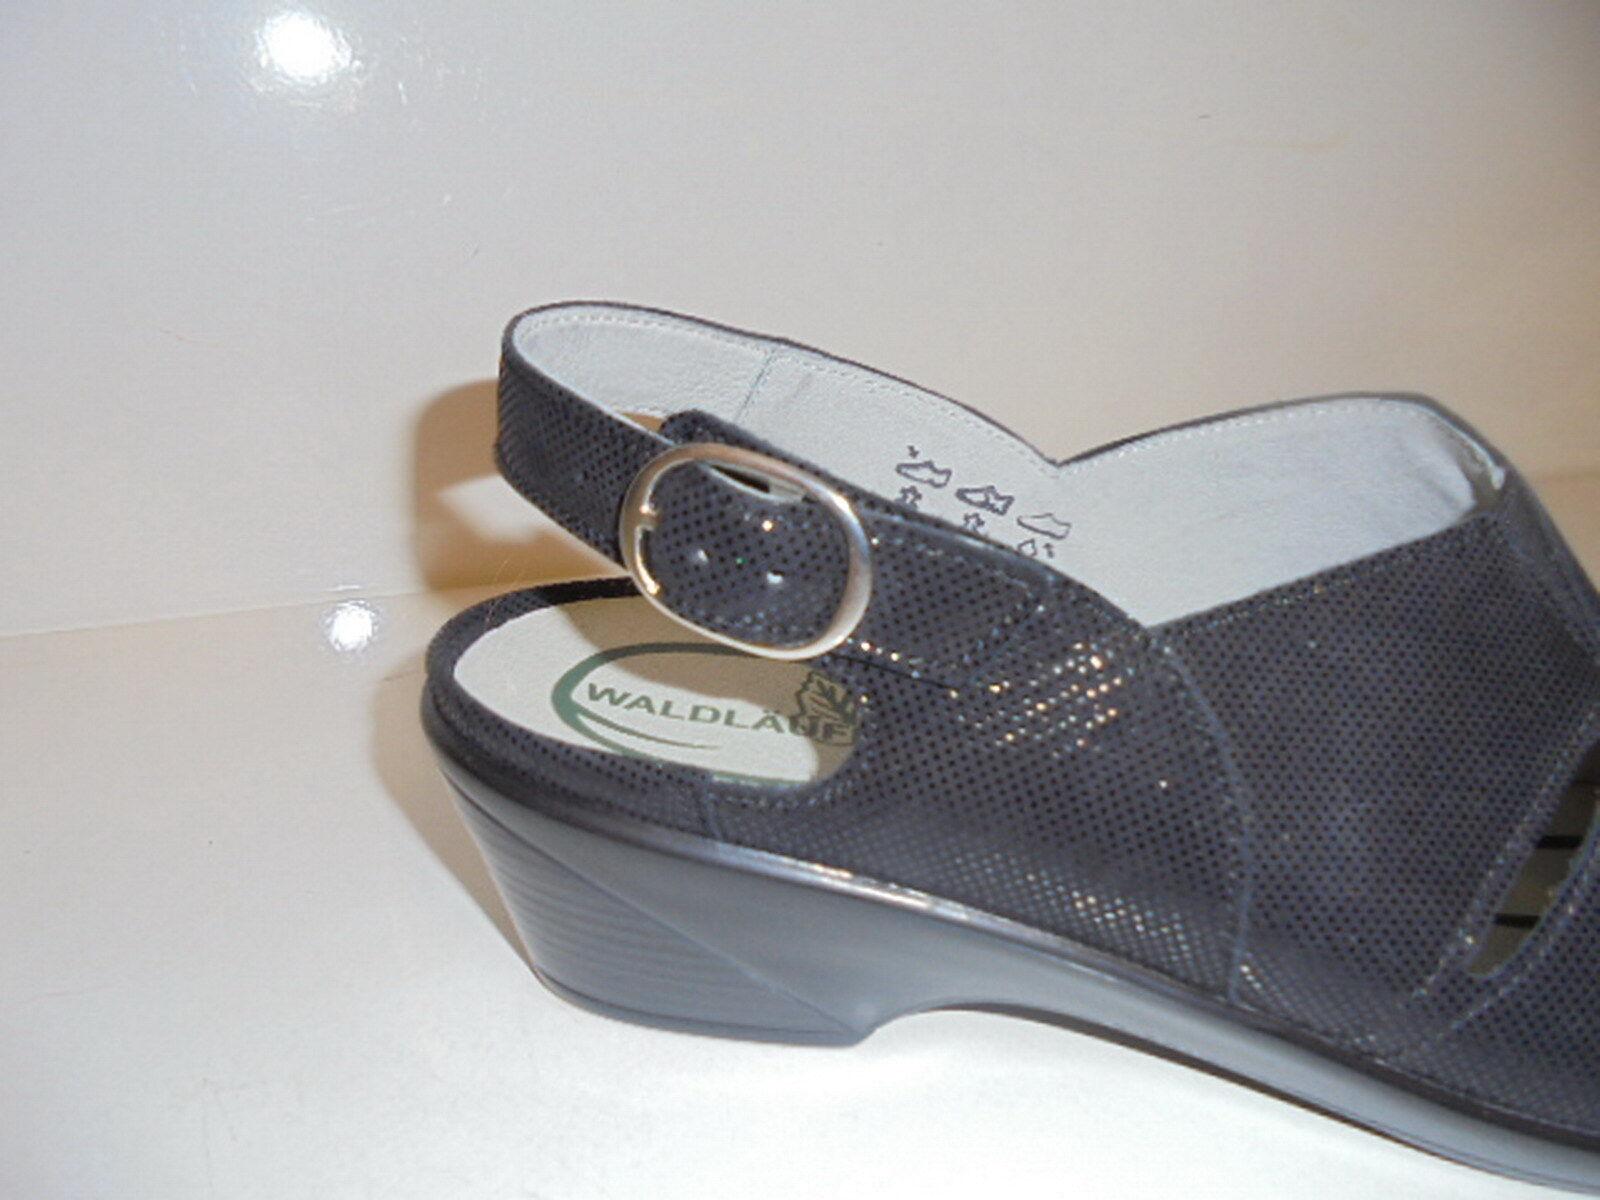 653003 Waldläufer Damenschuhe Sandale Leder lose Einlagen schwarz UK 8 Gr.42